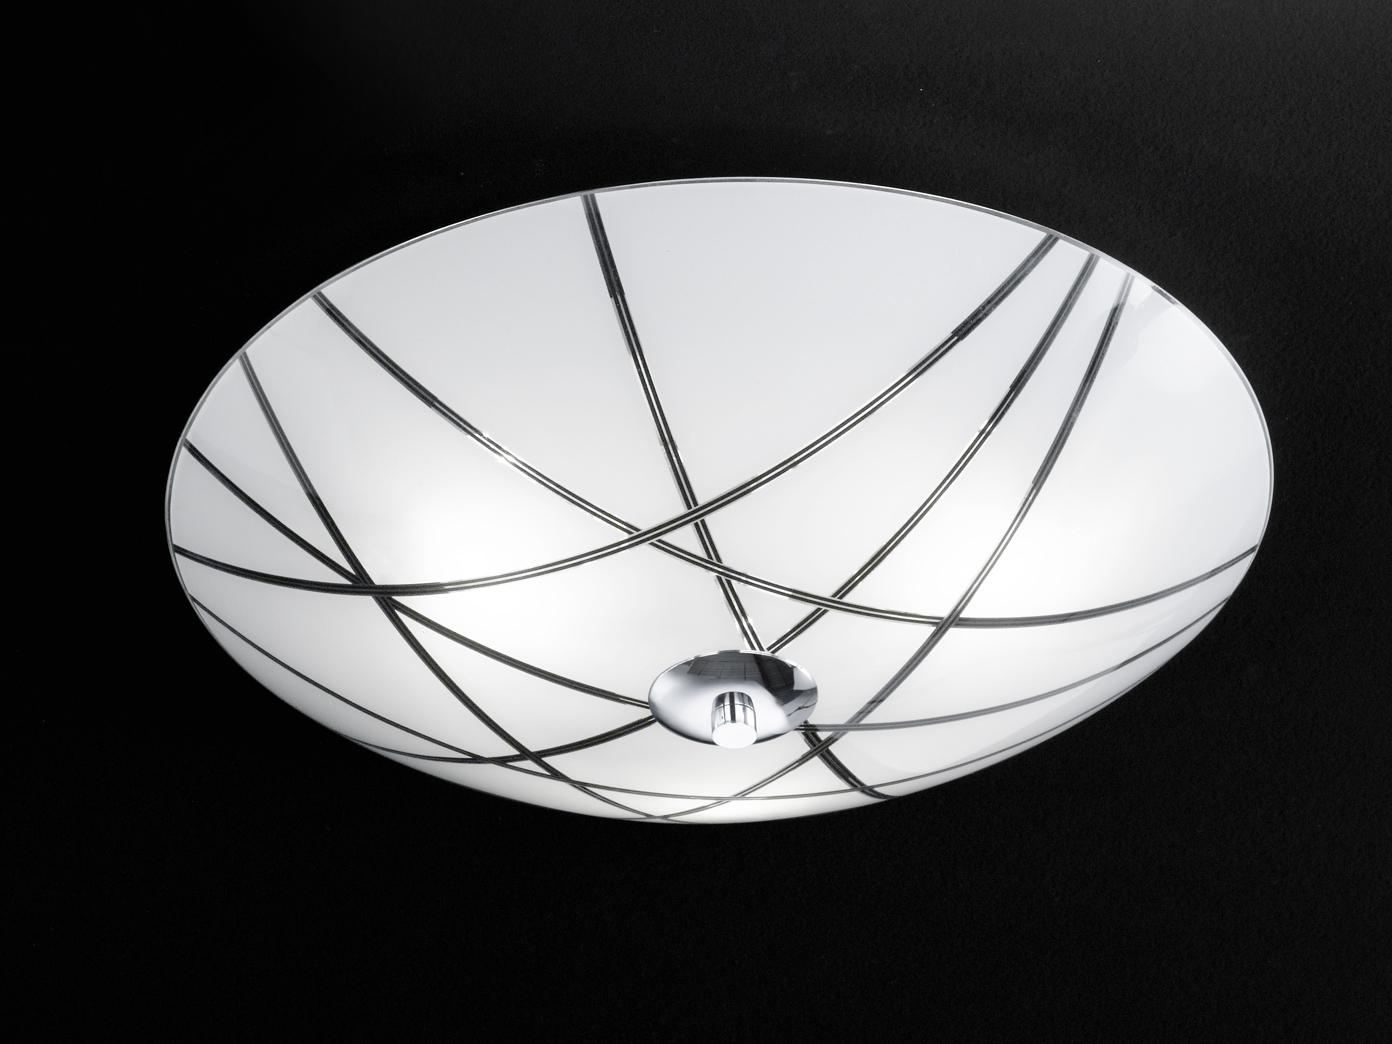 Deckenleuchte / Deckenschale Mats, rund, Ø 40 cm, chrom, Honsel-Leuchten